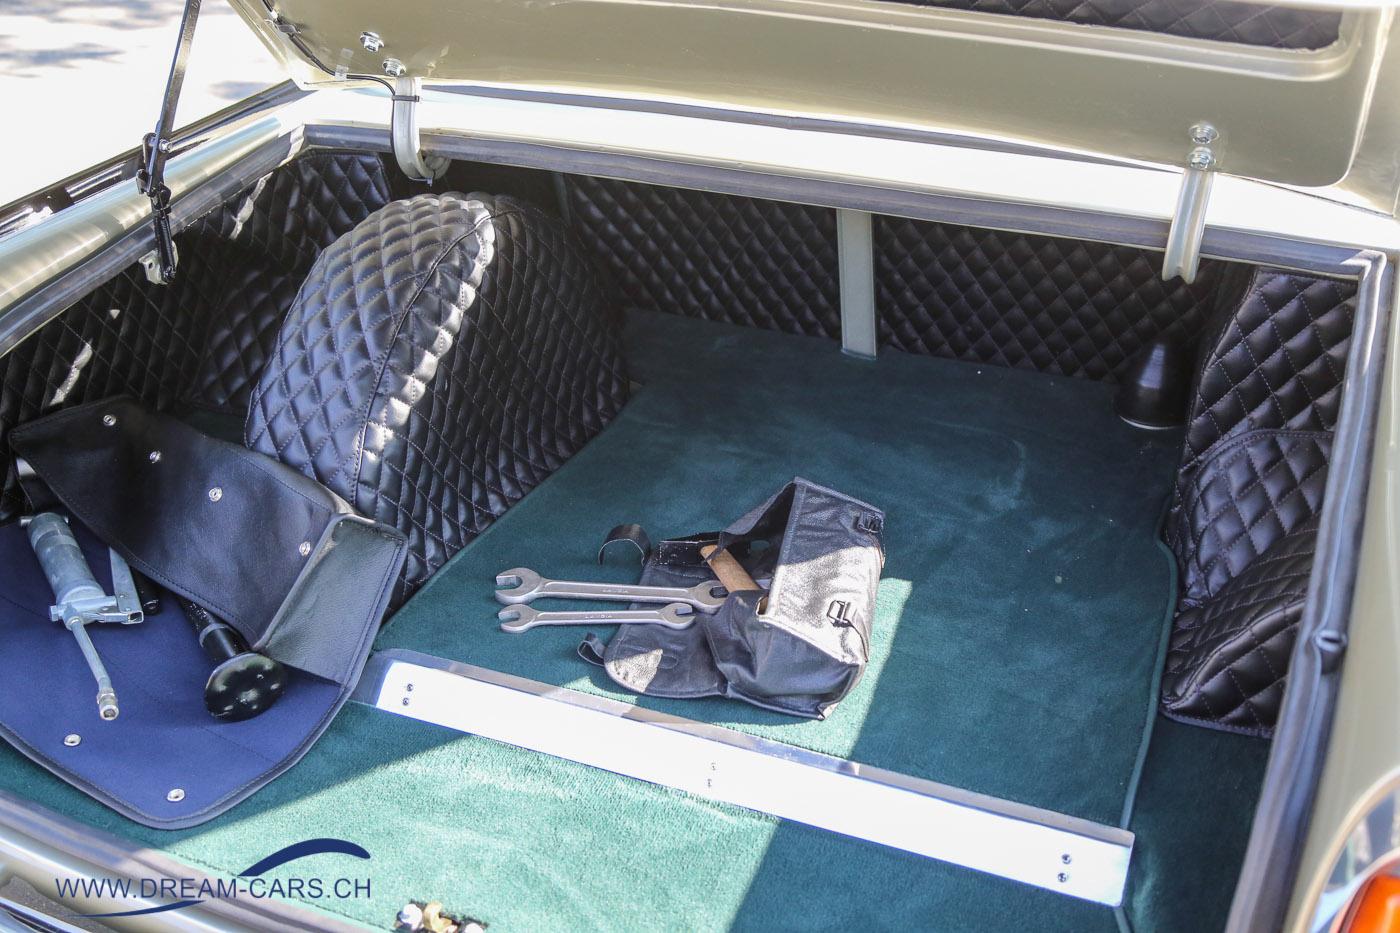 ZCCA - Zürich Classic Car Award, 22. August 2018. Der Lancia verfügt noch über das originale Bordwerkzeug